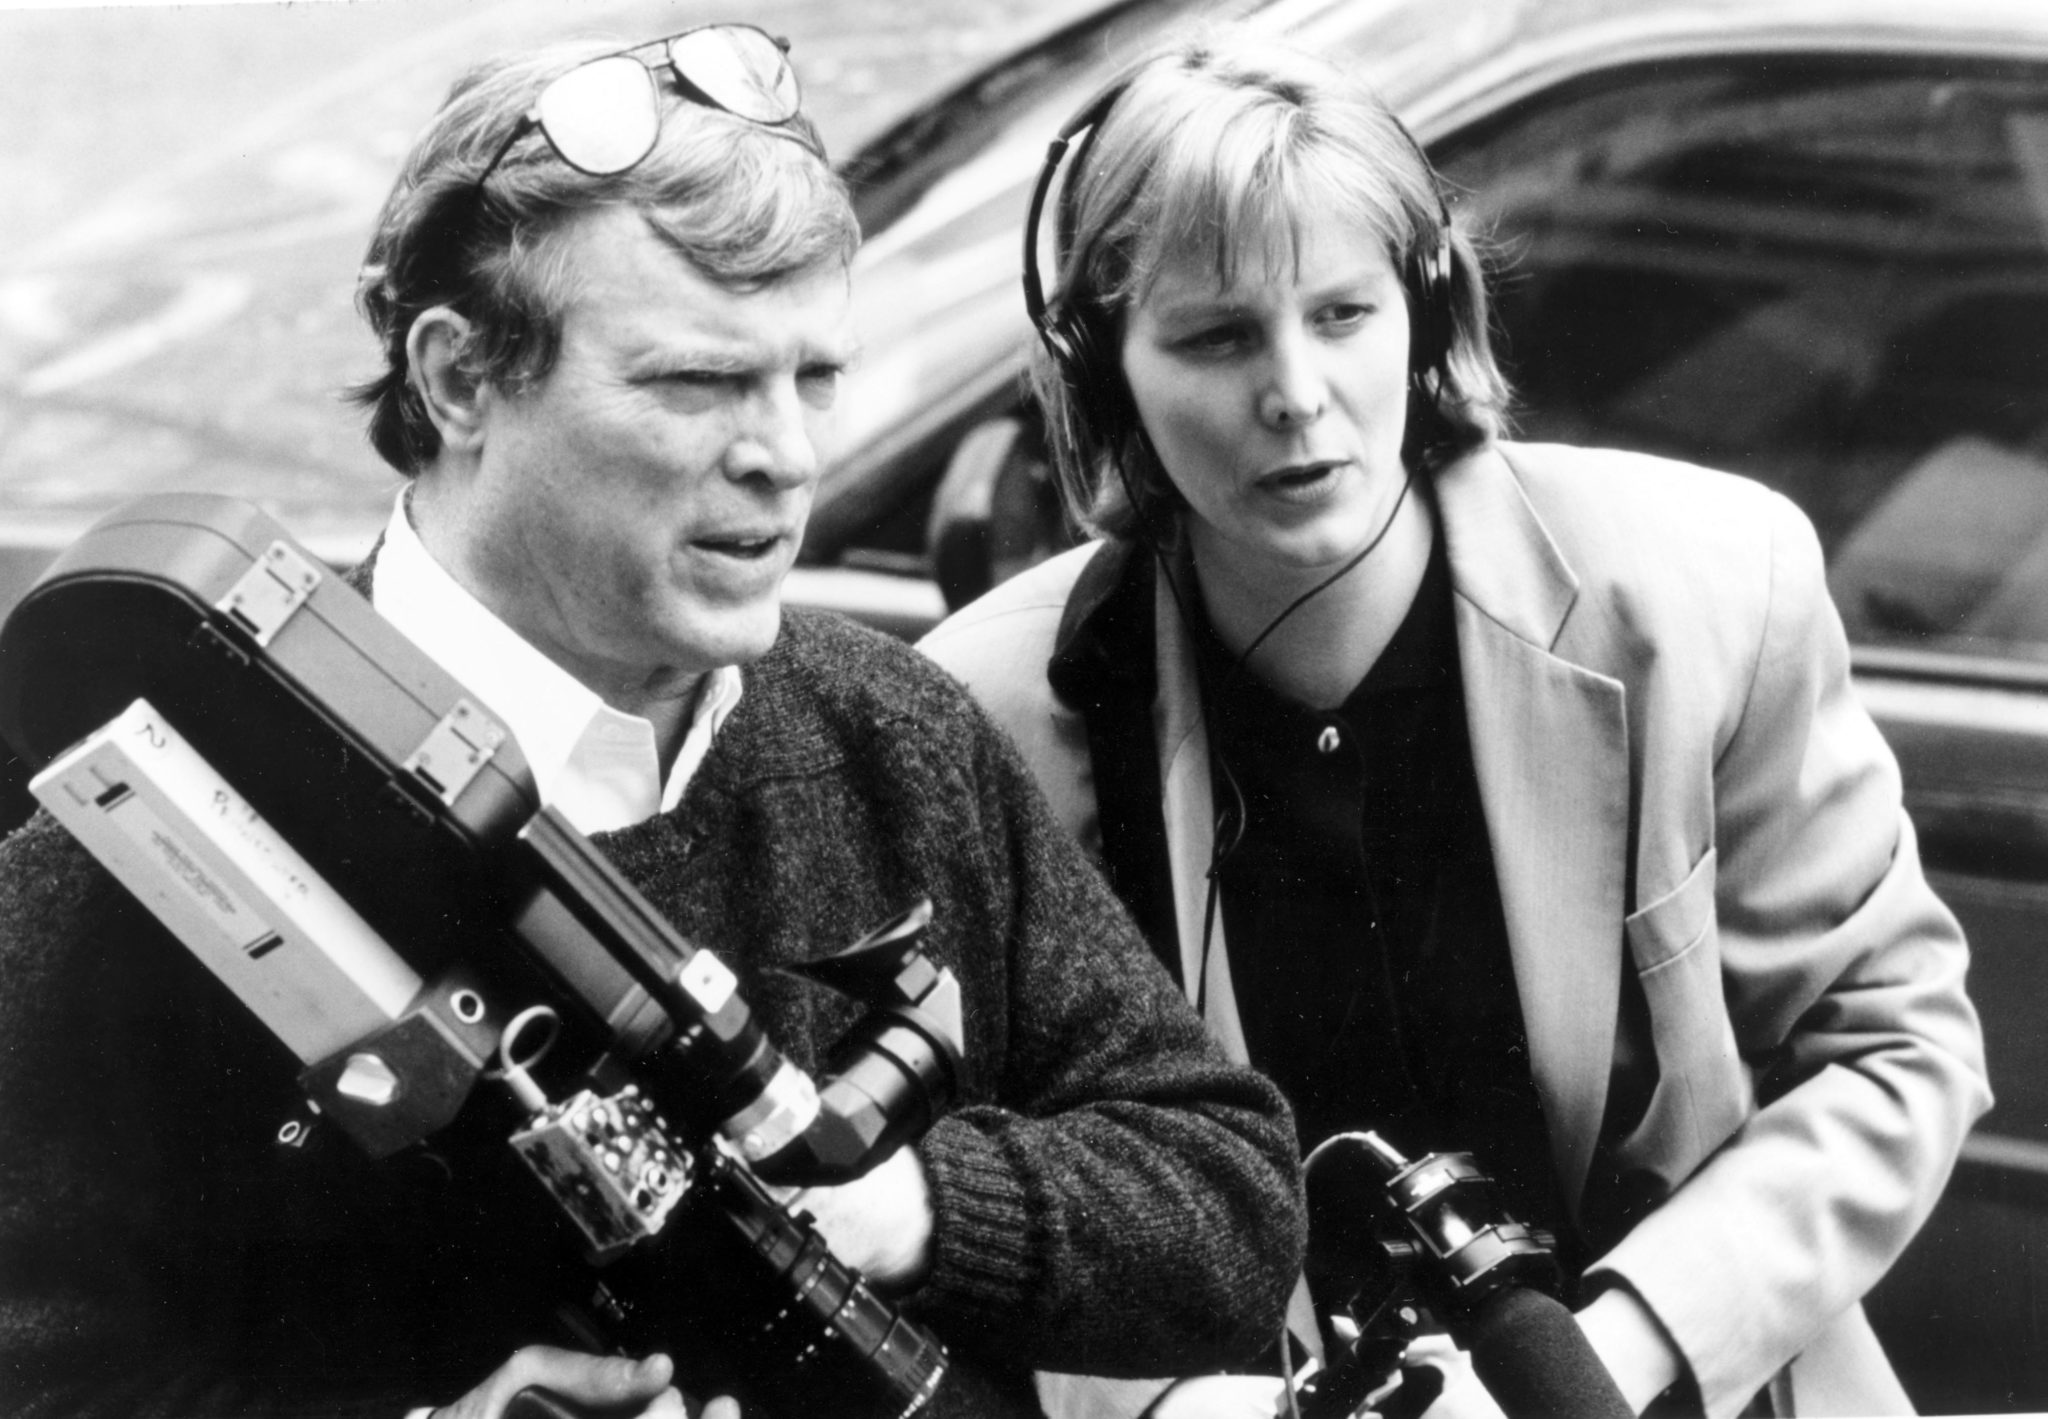 Óbito | Morreu o realizador D.A. Pennebaker, mestre do documentário